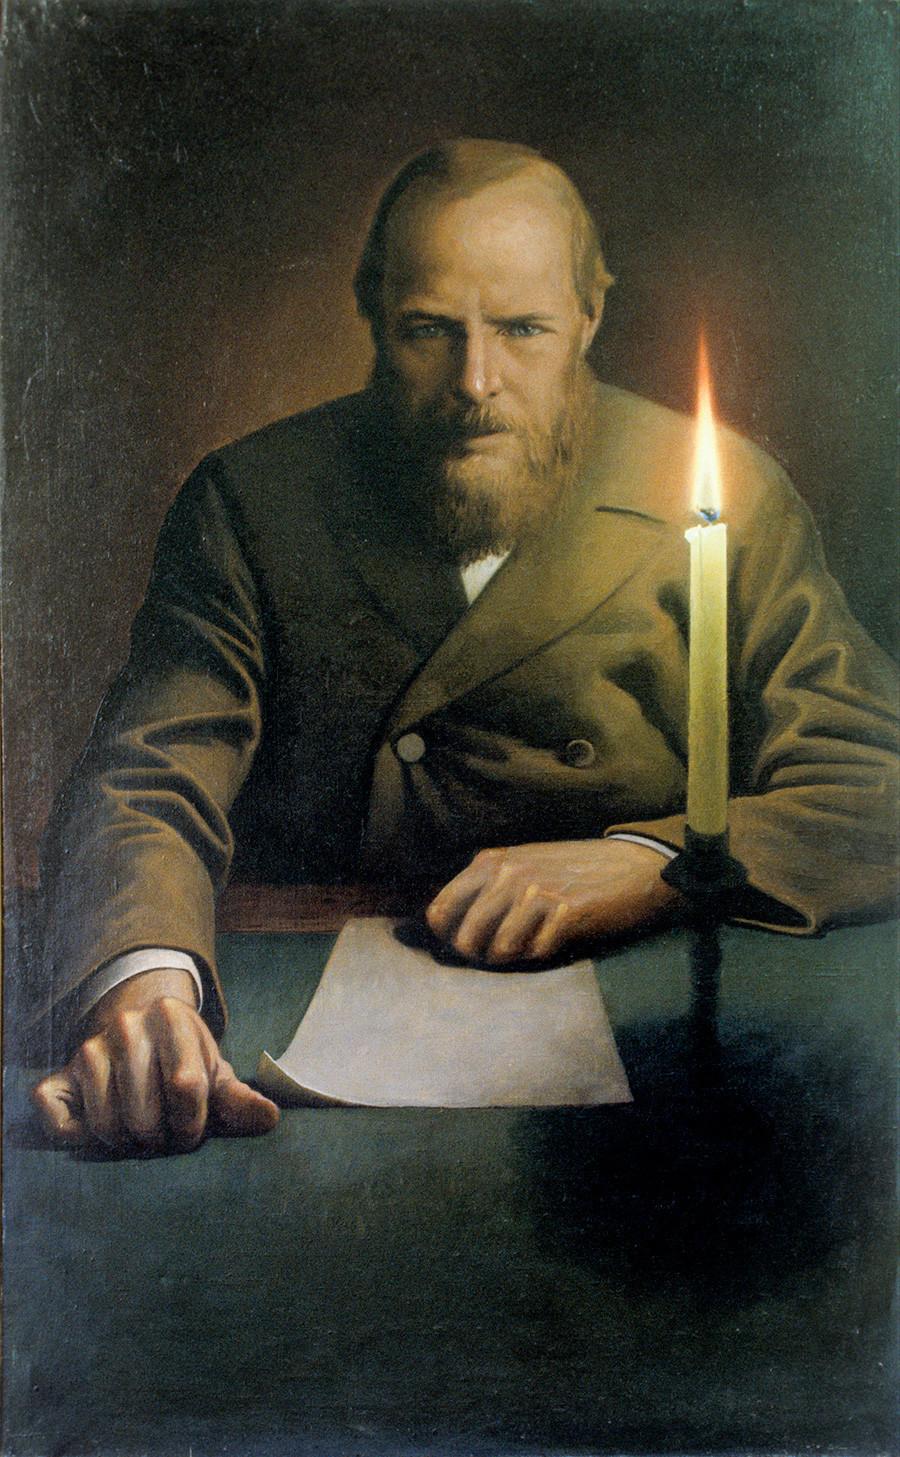 Portrait of Fyodor Dostoevsky, by Konstantin Vasilyev.